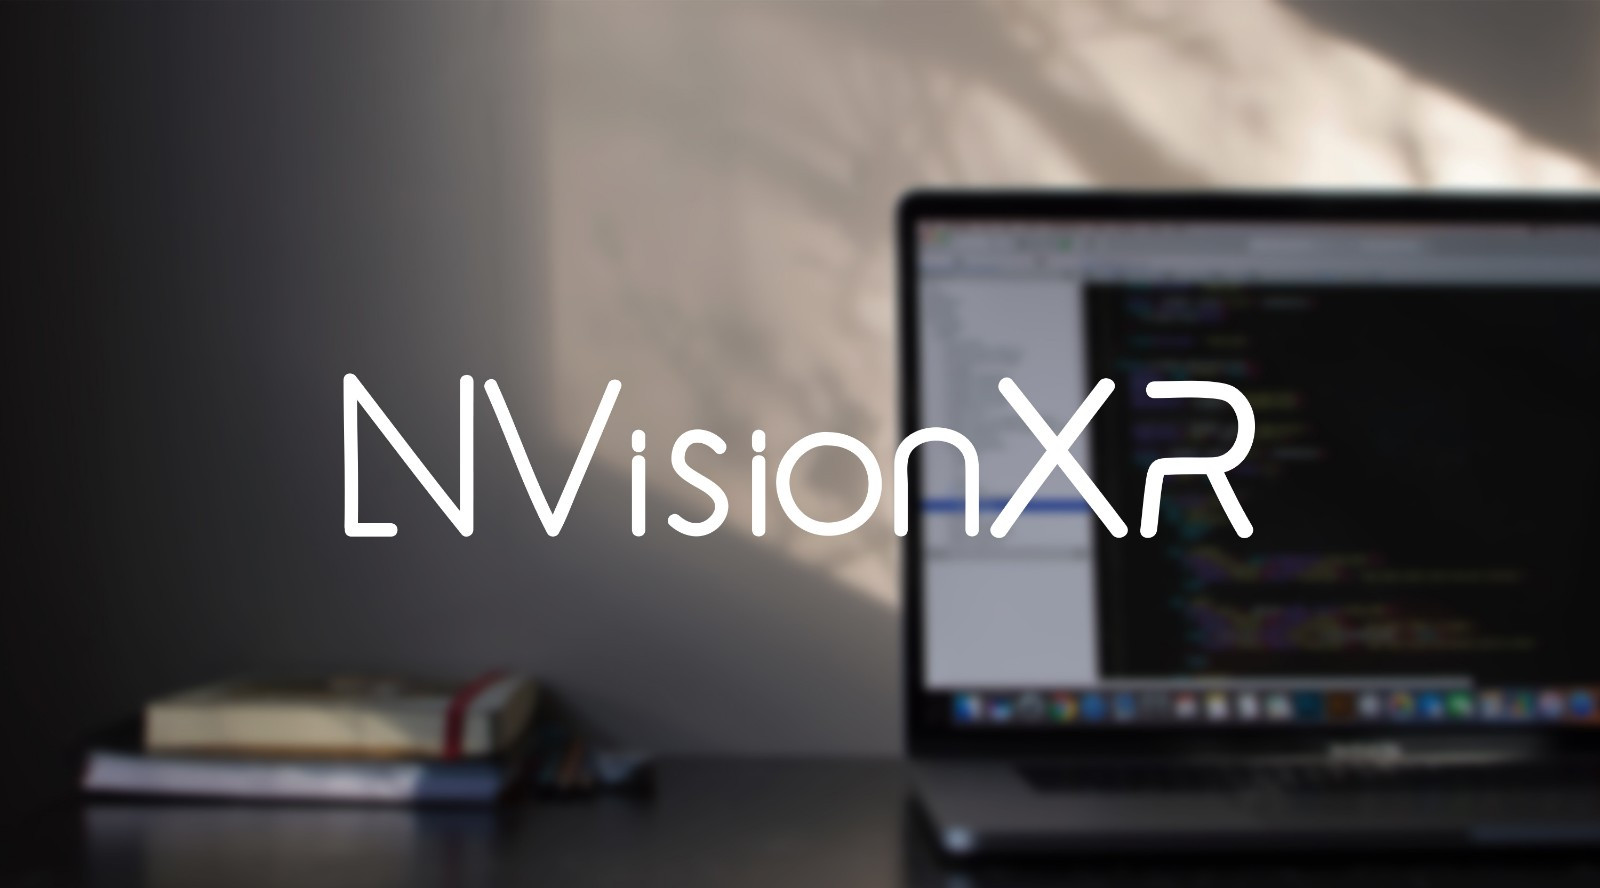 全球首款跨平台多兼容原生AR应用研发引擎,让AR开发更高效!